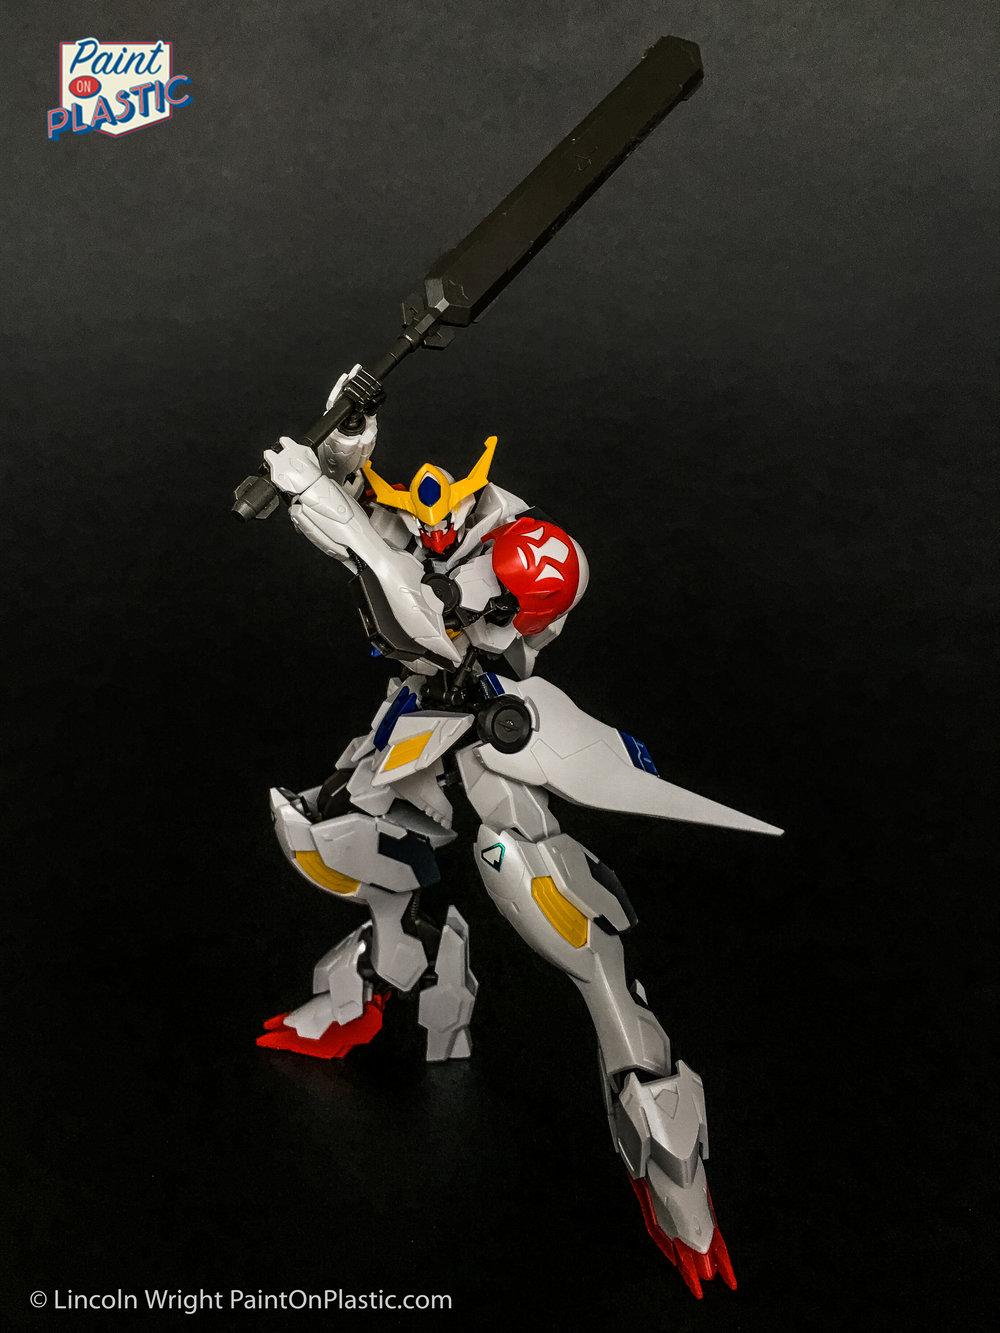 Gundam Barbados Lupus PaintOnPlastic-14.jpg